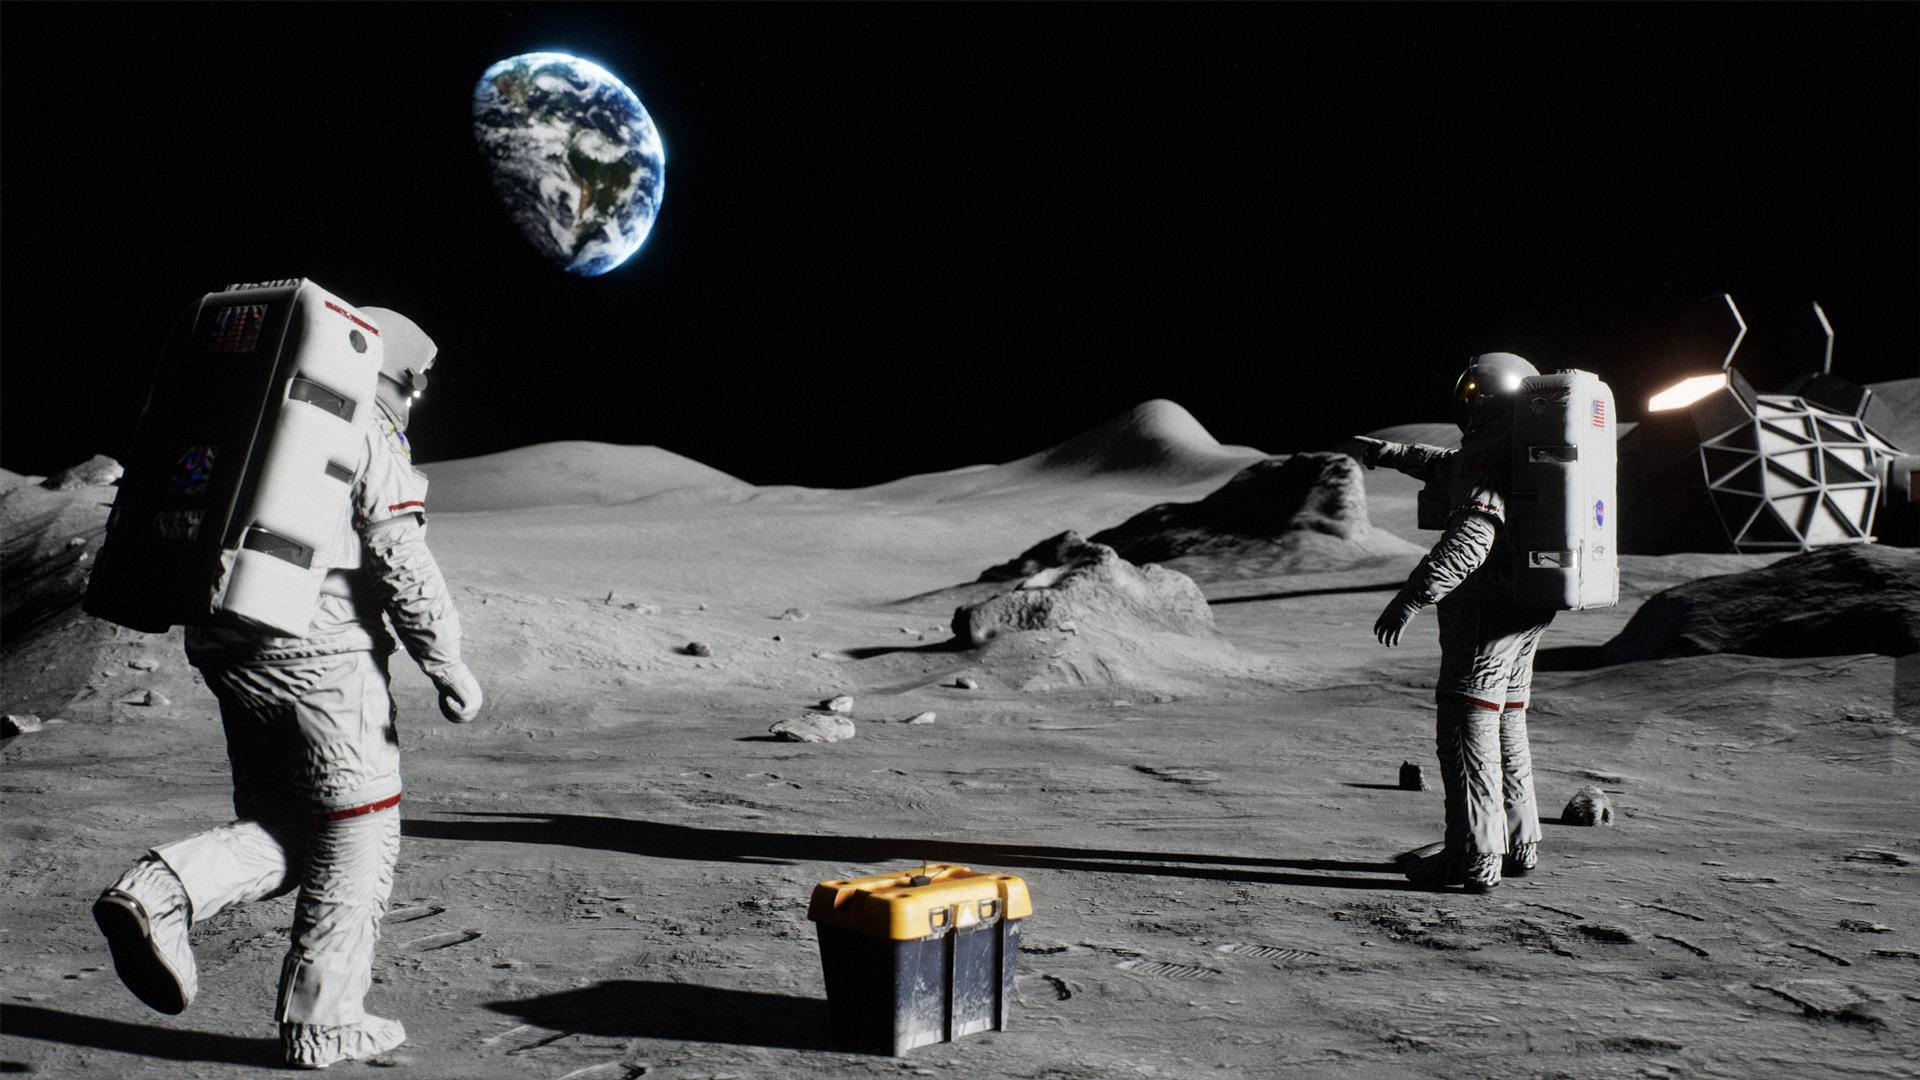 Earthlight_LunarMission_07.jpg